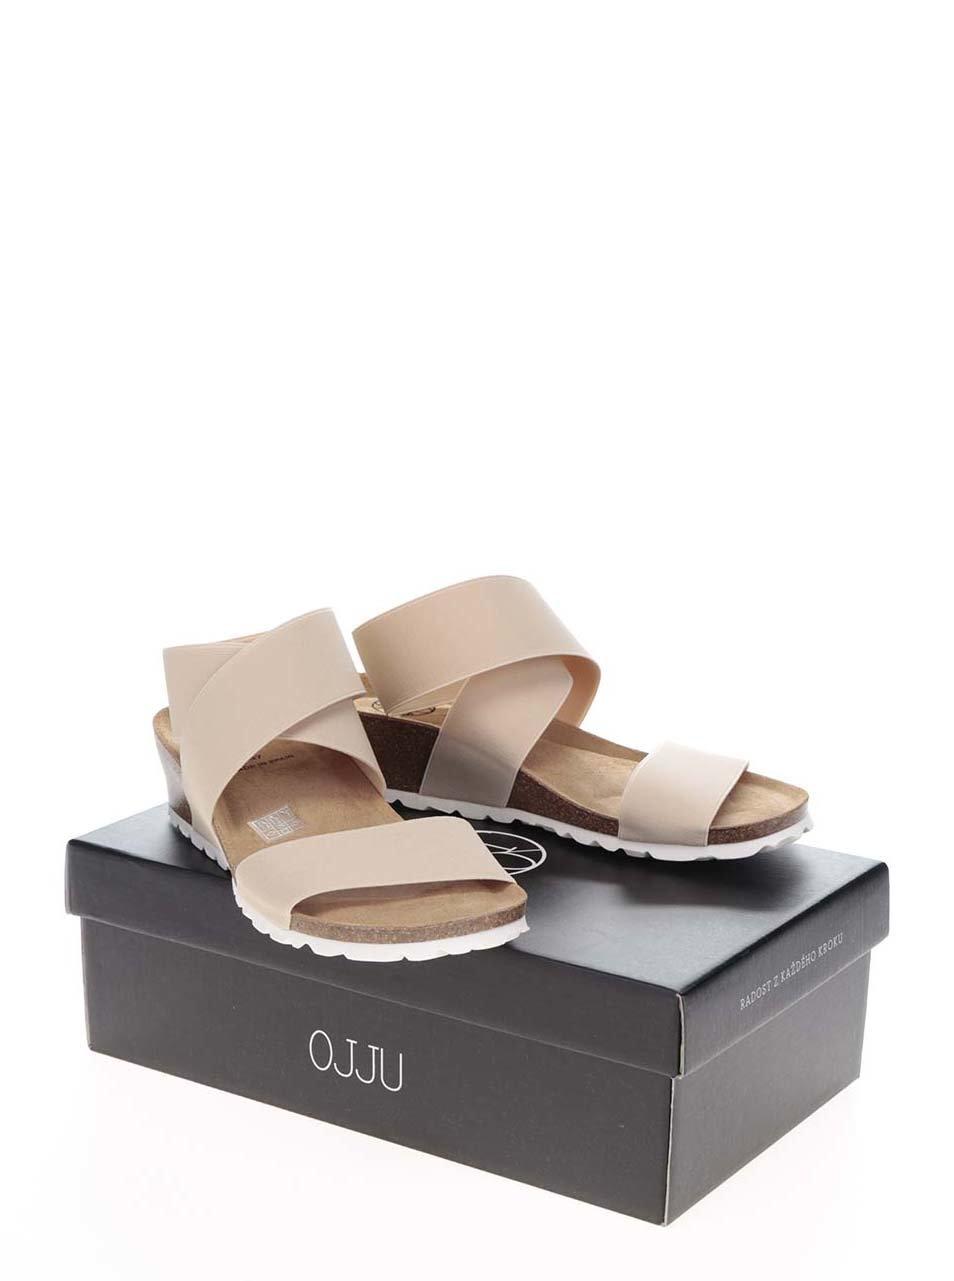 e4308889daa7 Béžové dámske sandále s pružnými remienkami OJJU ...